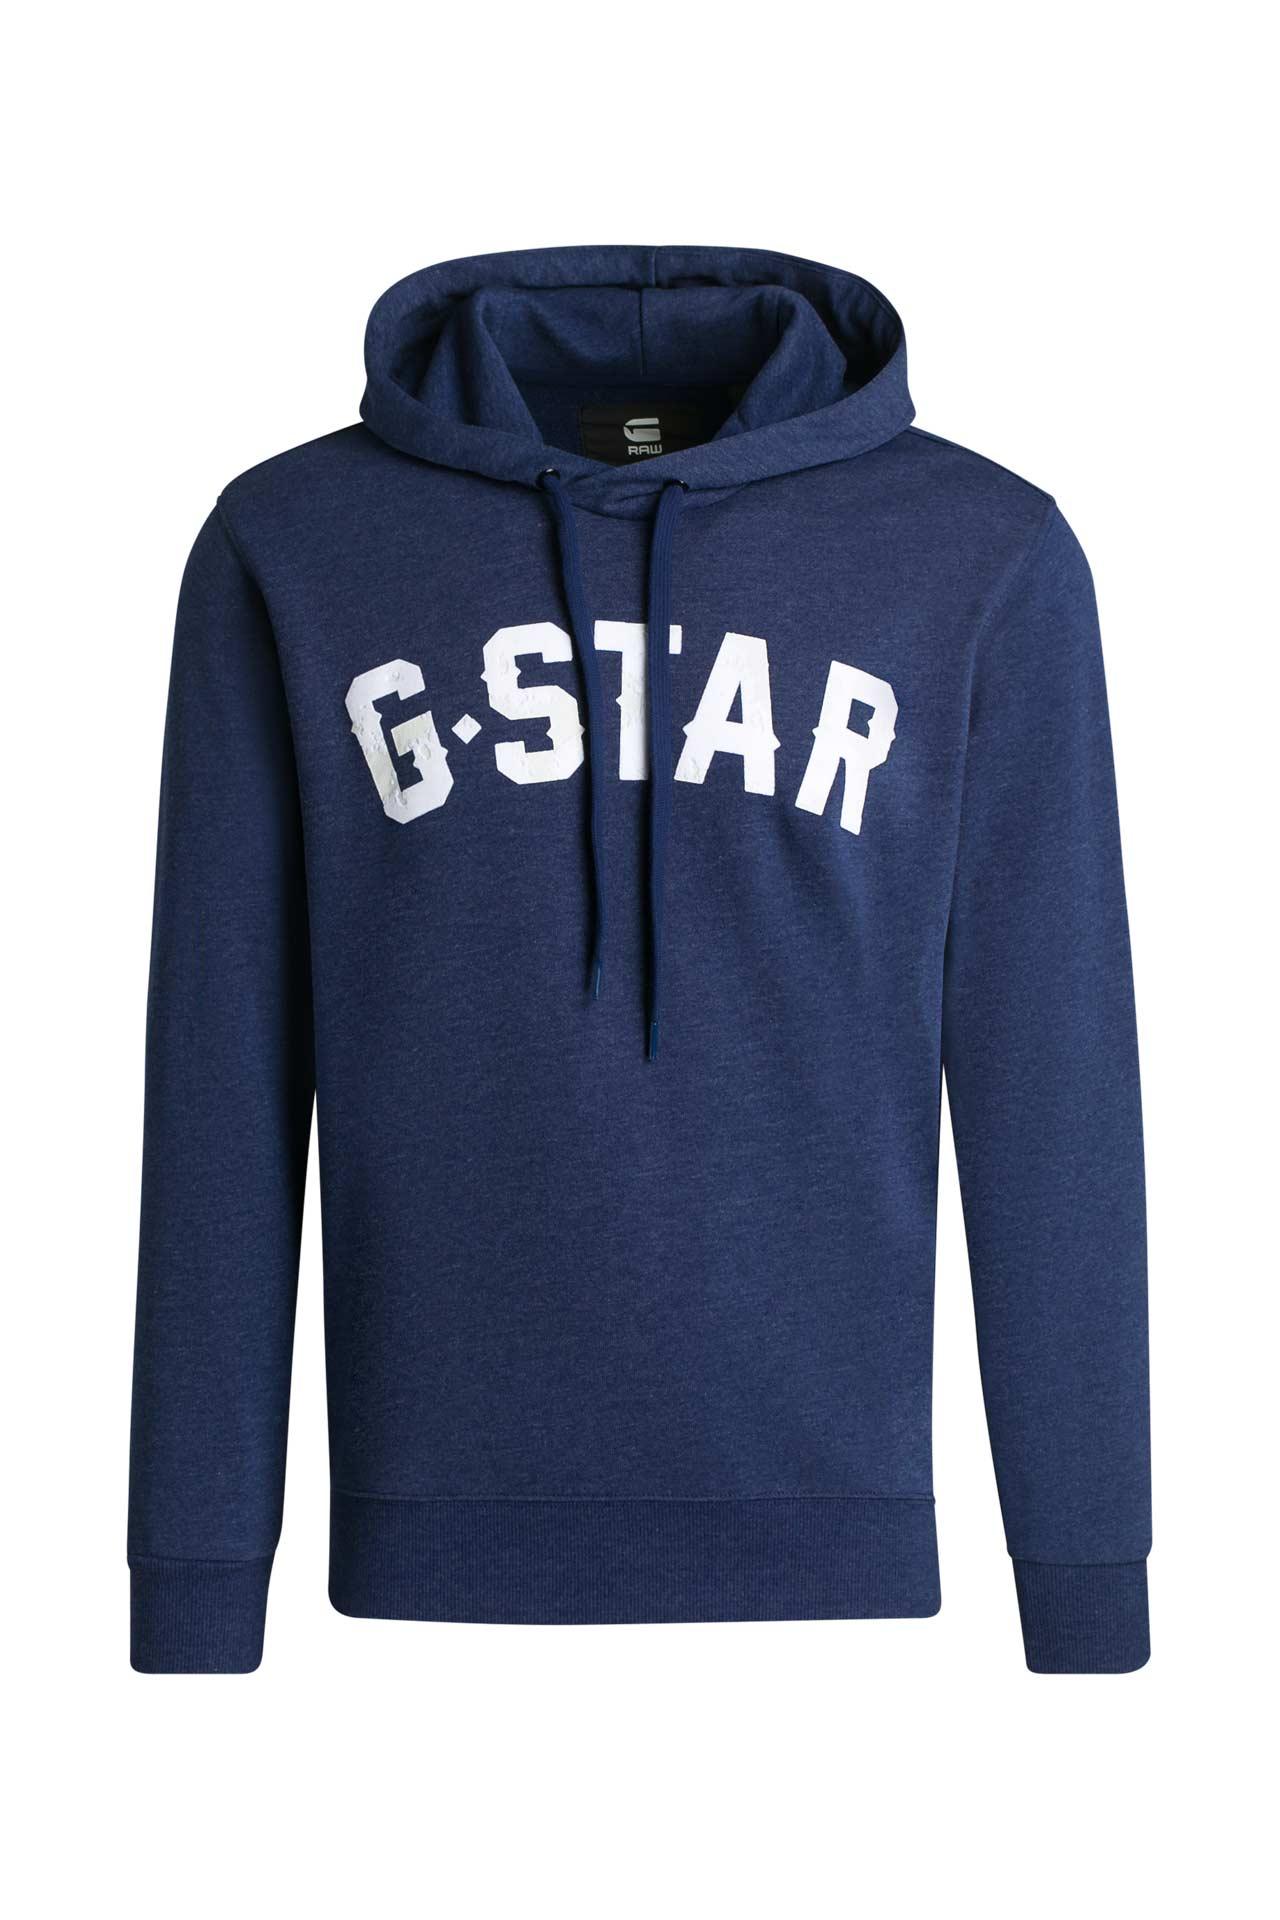 G-Star Rücksendung